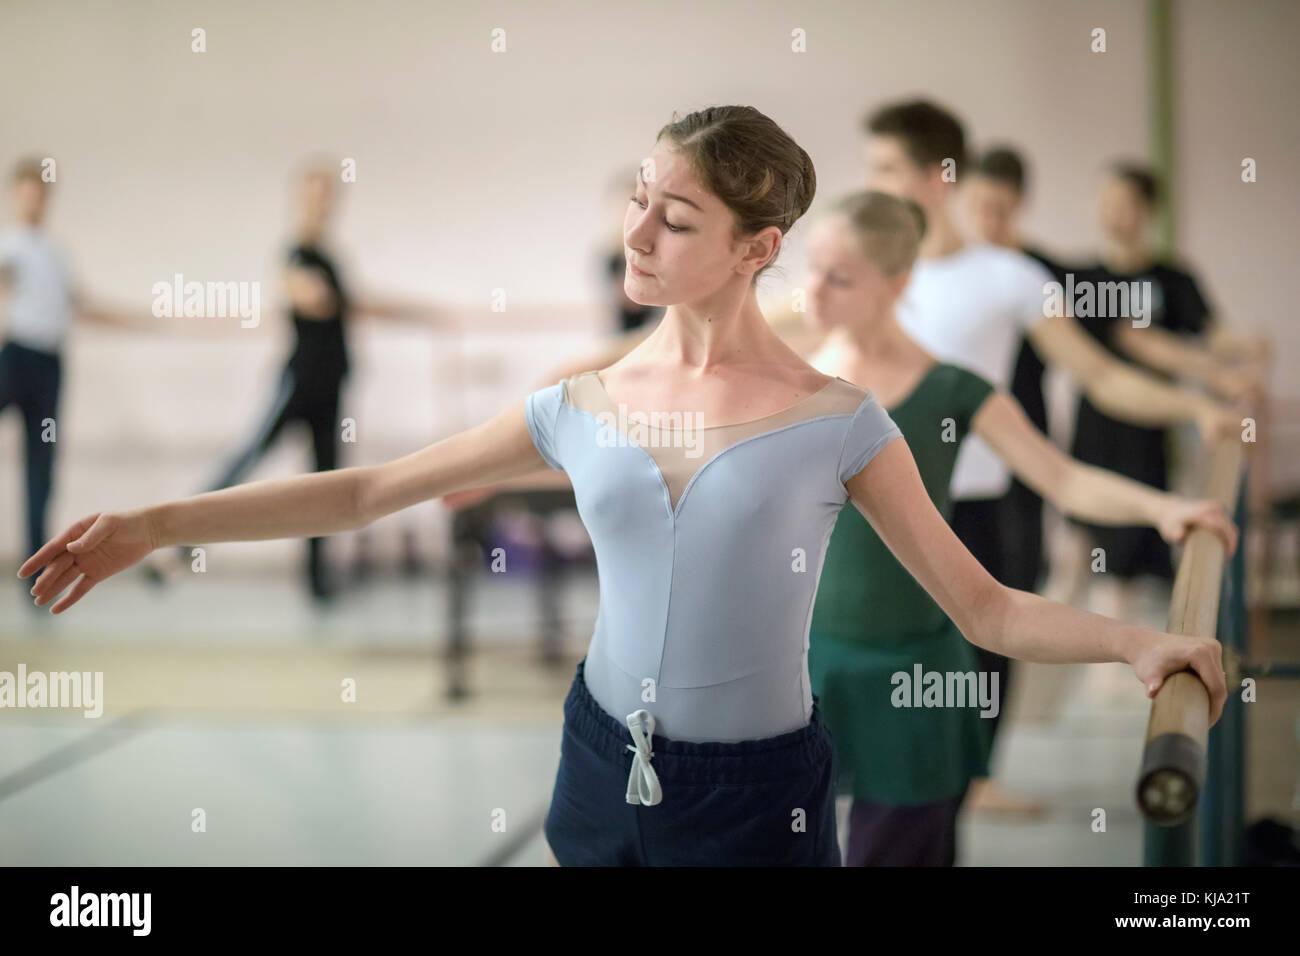 Les participants du concours de ballet russe pratiquant au bar avant de commencer à danser sur une scène Photo Stock